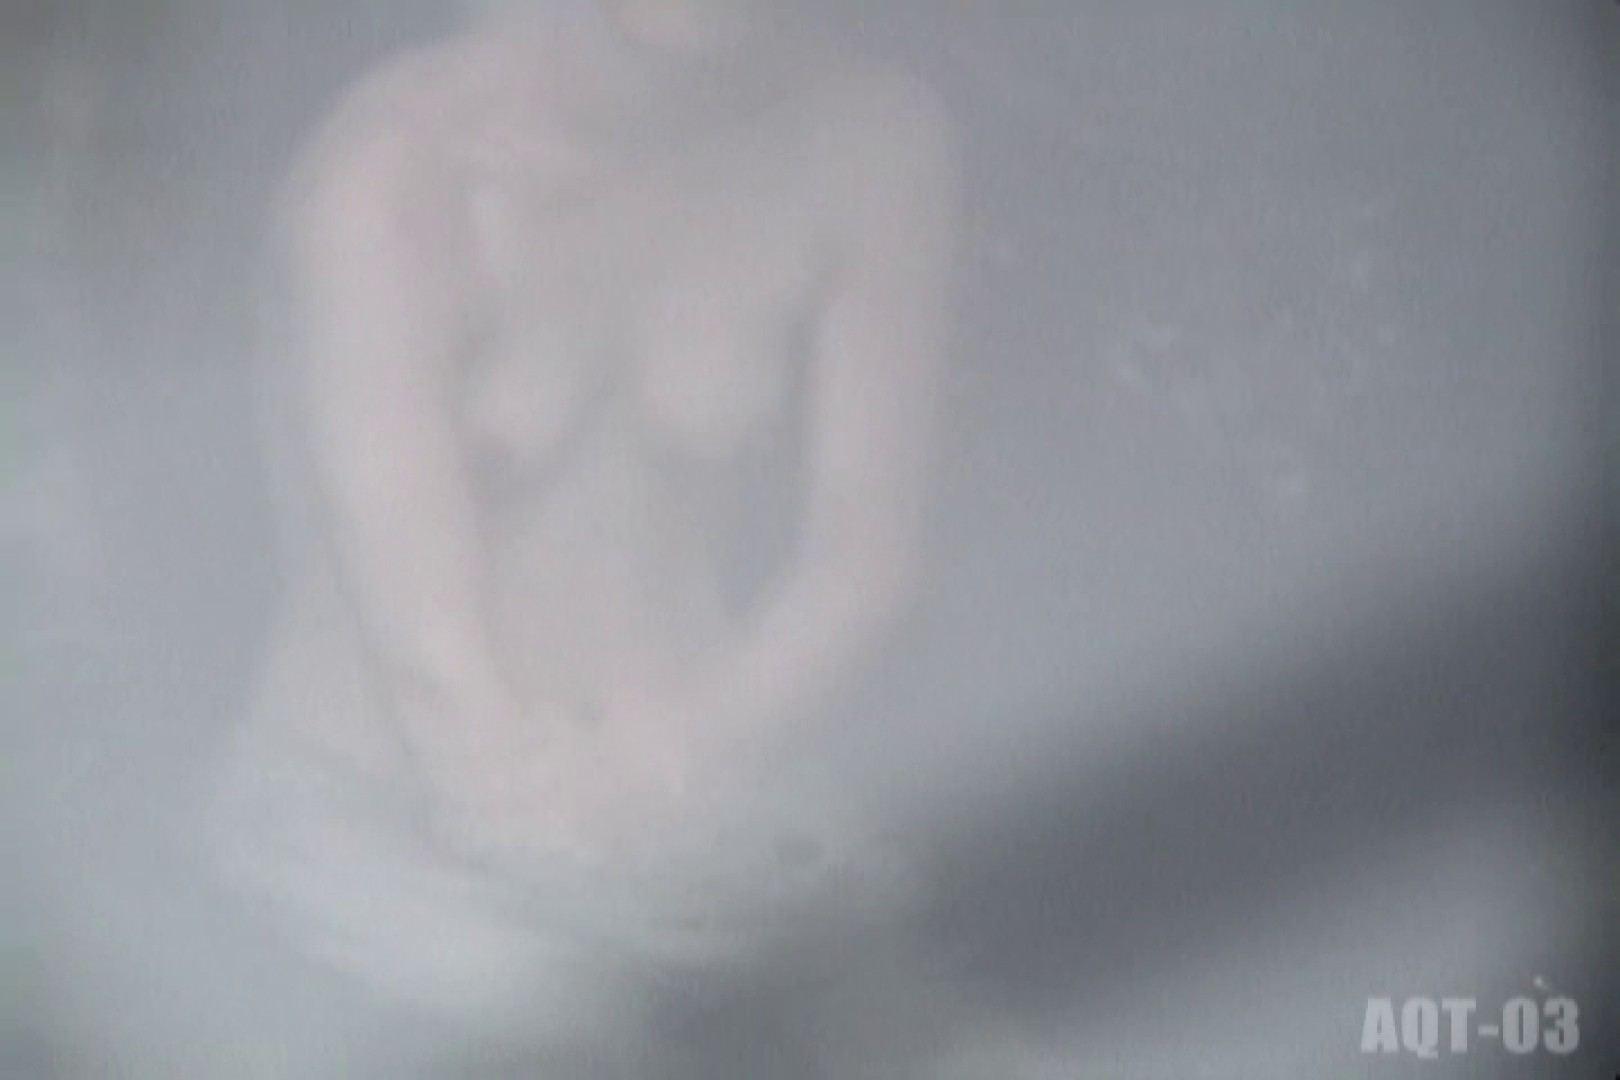 Aquaな露天風呂Vol.734 OLセックス 盗撮AV動画キャプチャ 64画像 17